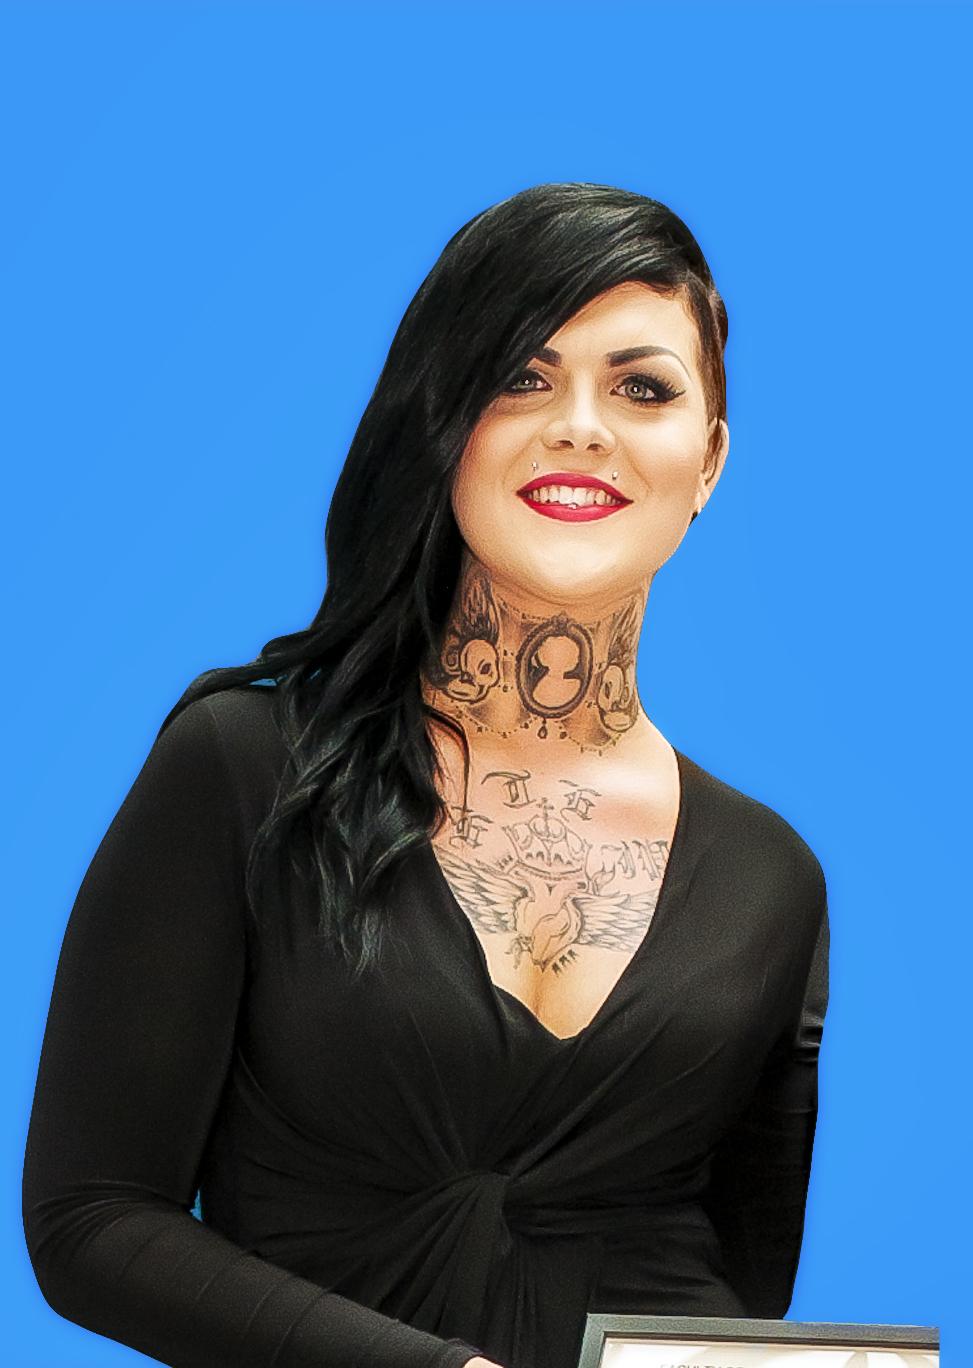 Lexi Webster